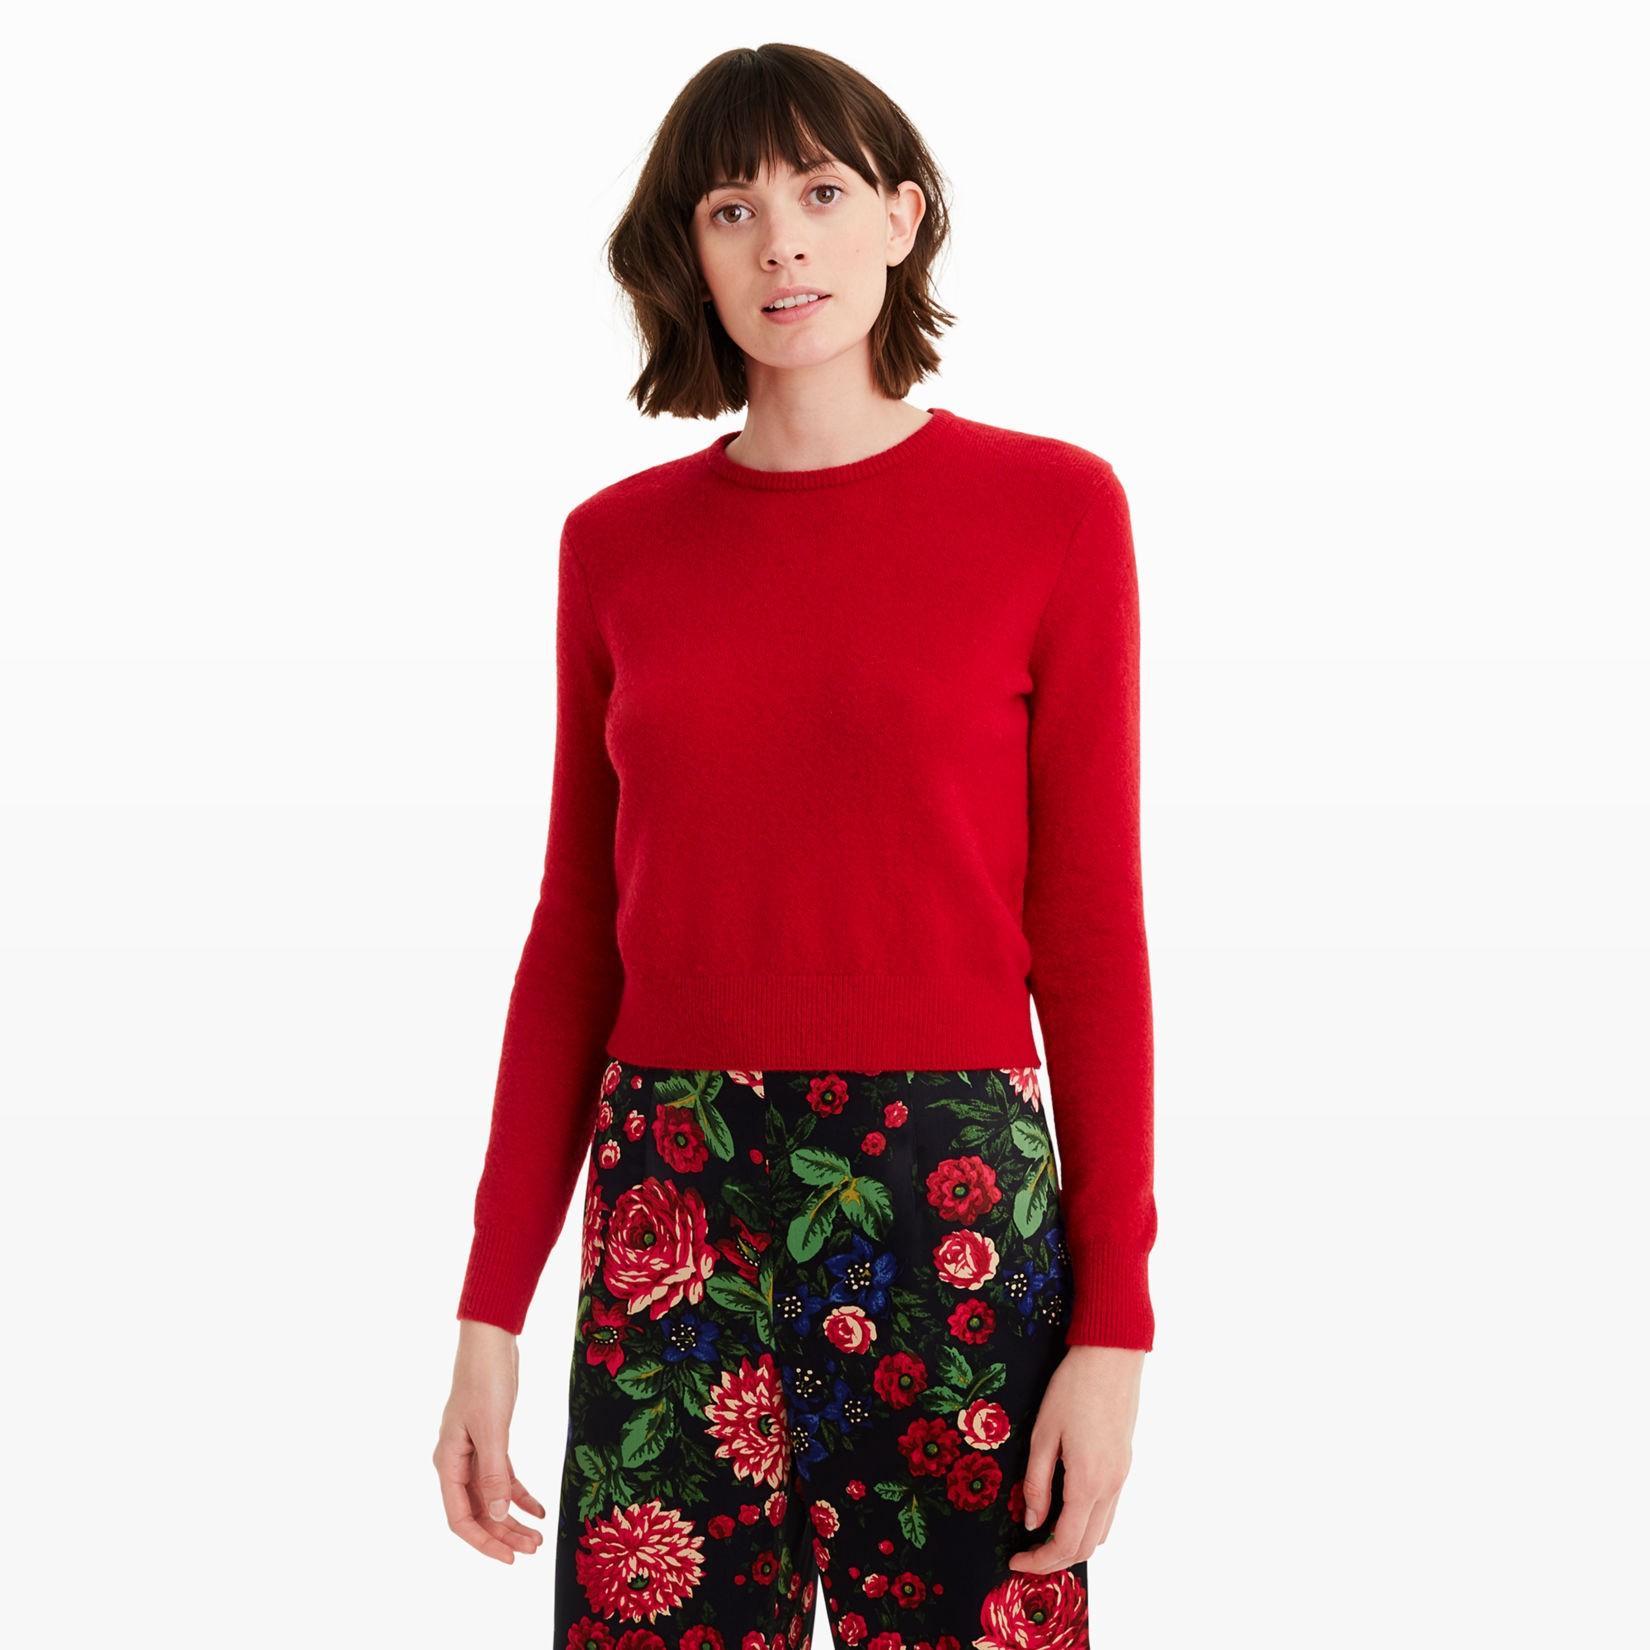 Club Monaco Sychar Sweater In Gypsy Red